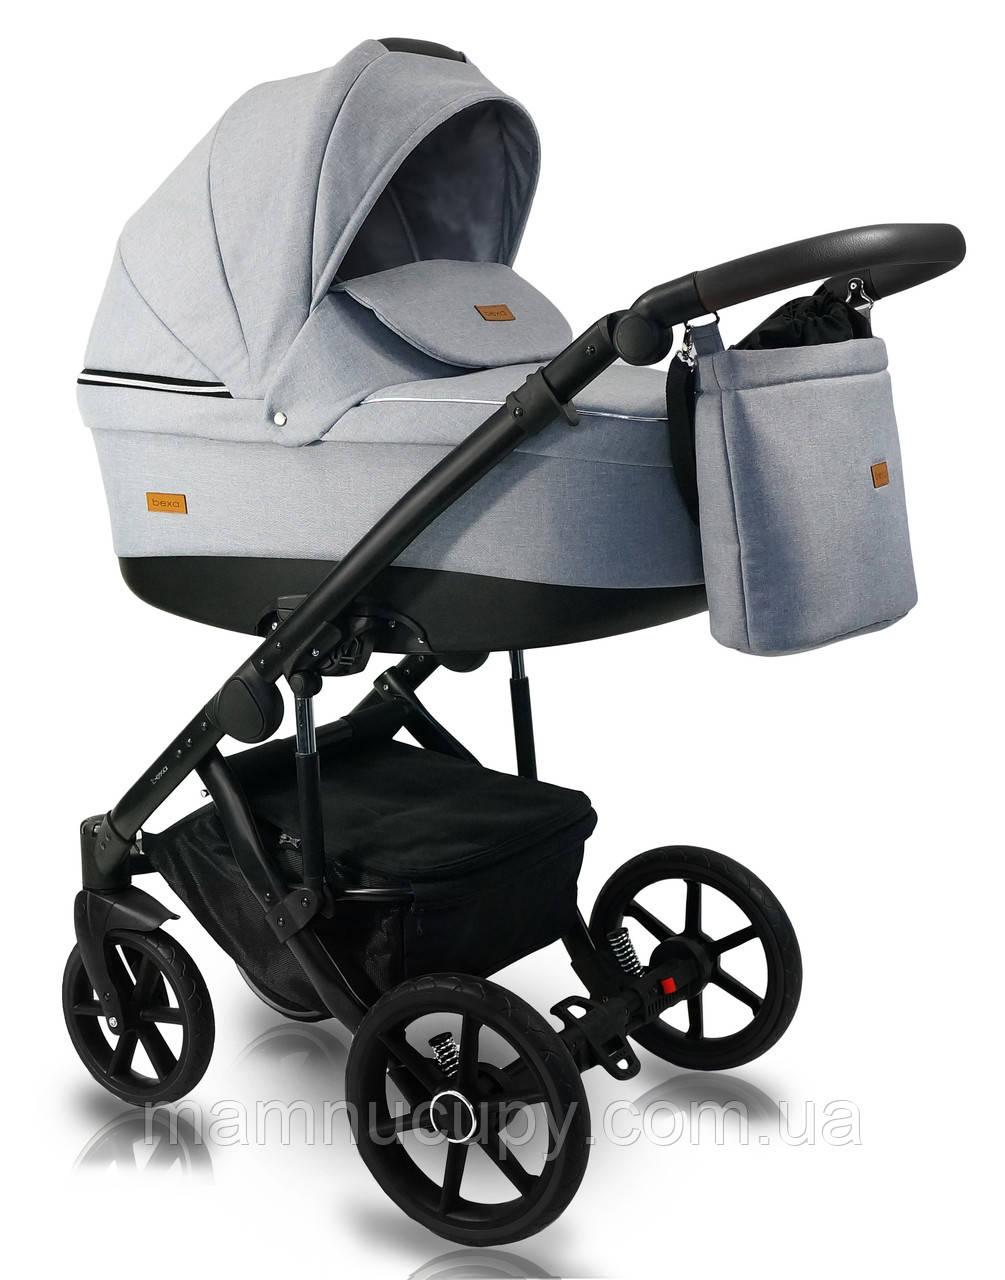 Детская универсальная детская коляска 2 в 1 Bexa Ultra 2.0 Ult6 (бекса ультра 2.0)